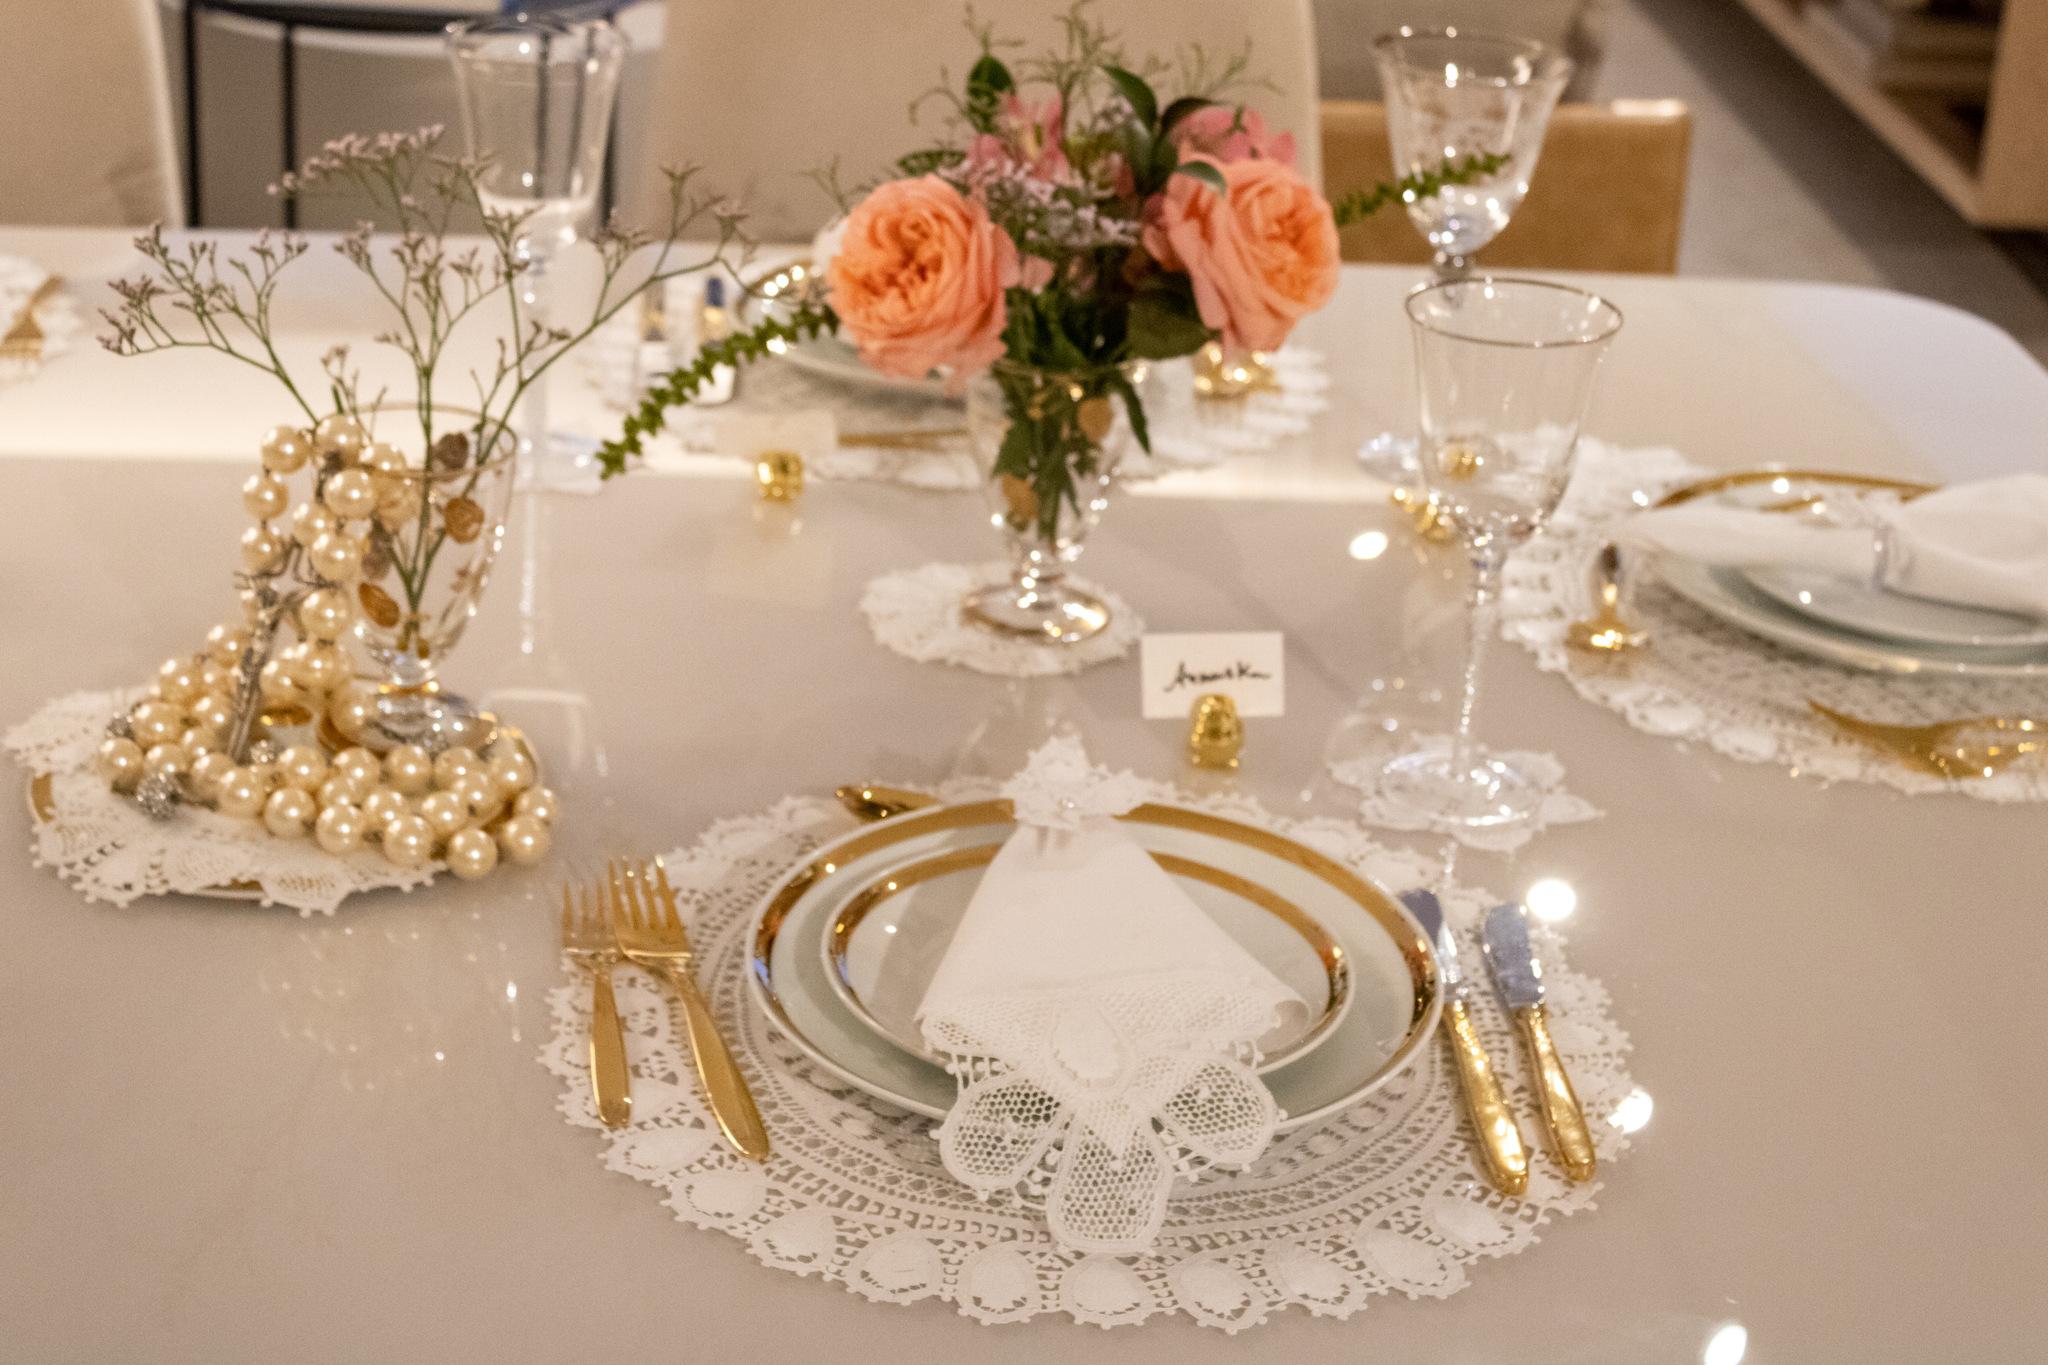 Mesa posta com renda Renascença, louças em porcelanas brancas com dourado, faqueiro, taças e peças decorativas  Virgínia Brandão